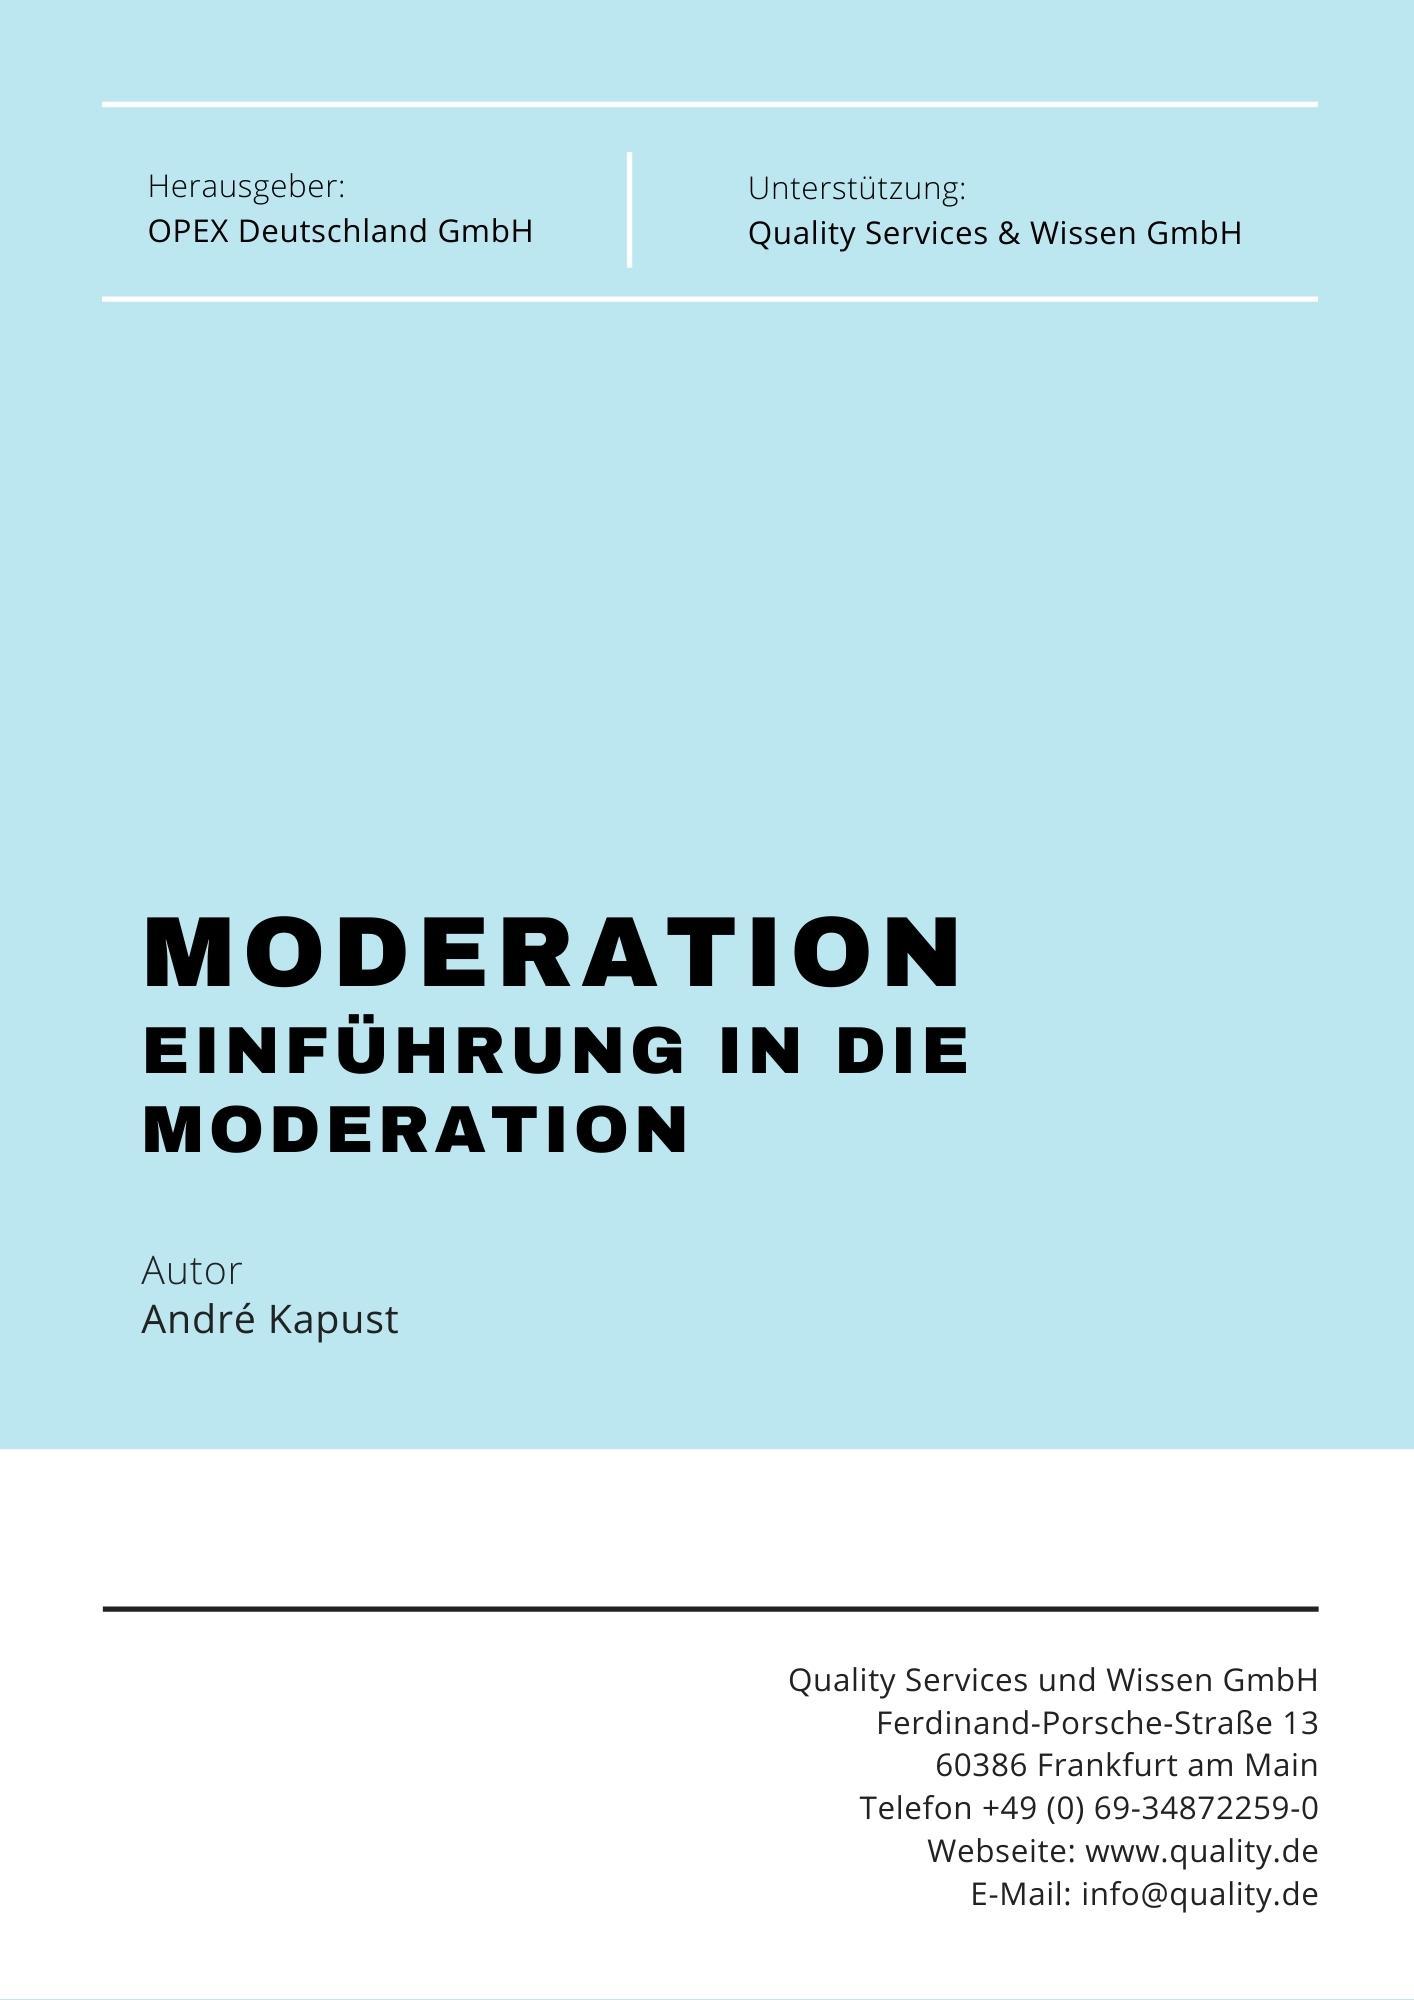 einfuehrung moderation